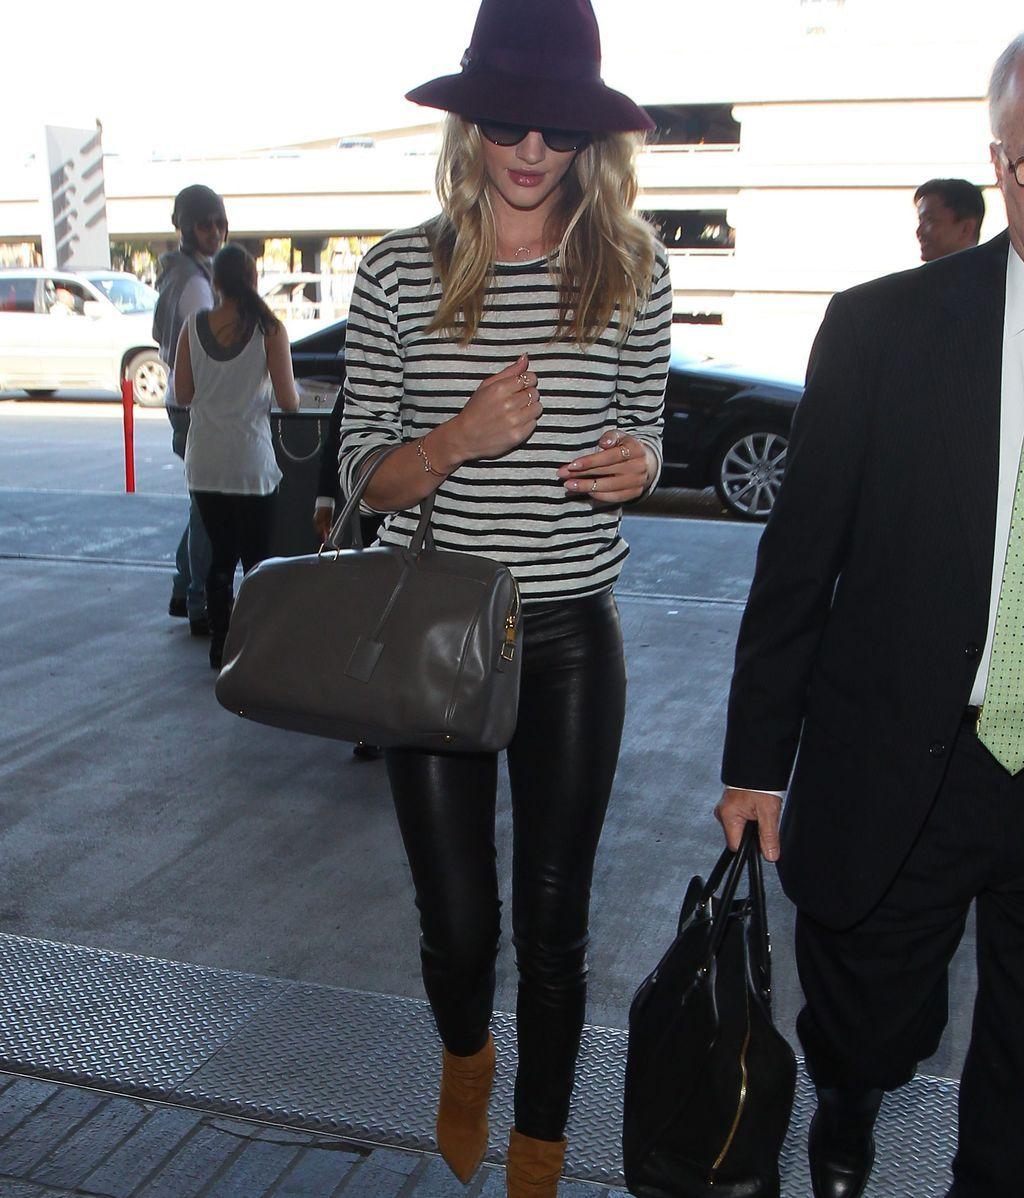 Los leggins de vinilo son un básico y otras cuatro cosas que pasaron de tendencia a fondo de armario